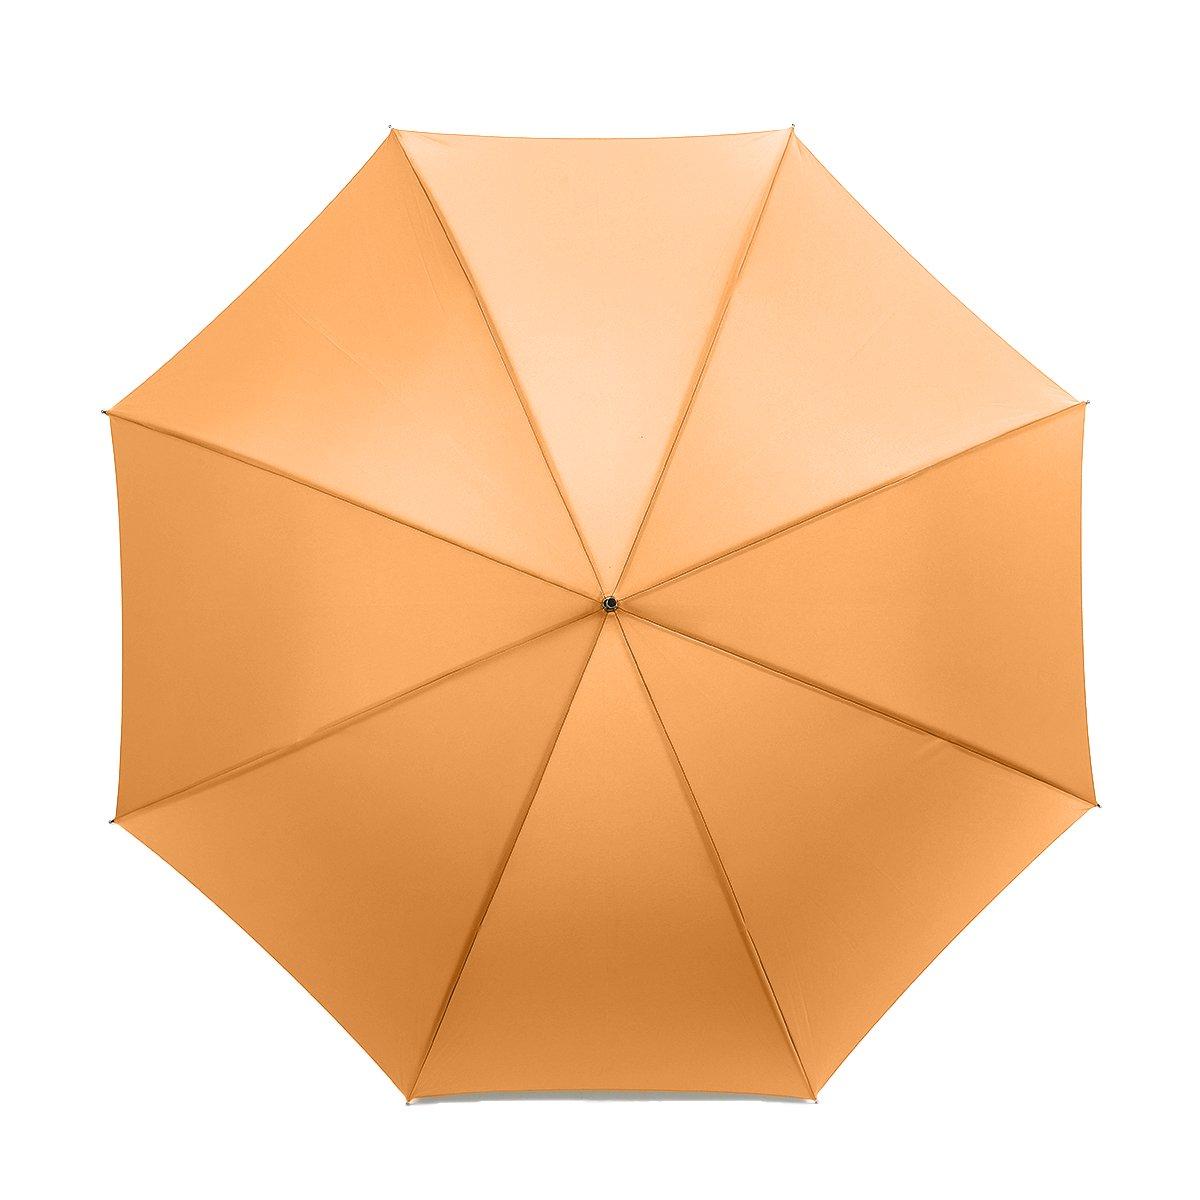 強力撥水 レインドロップ レディース レクタス エゴ 長傘(58cm) 詳細画像5